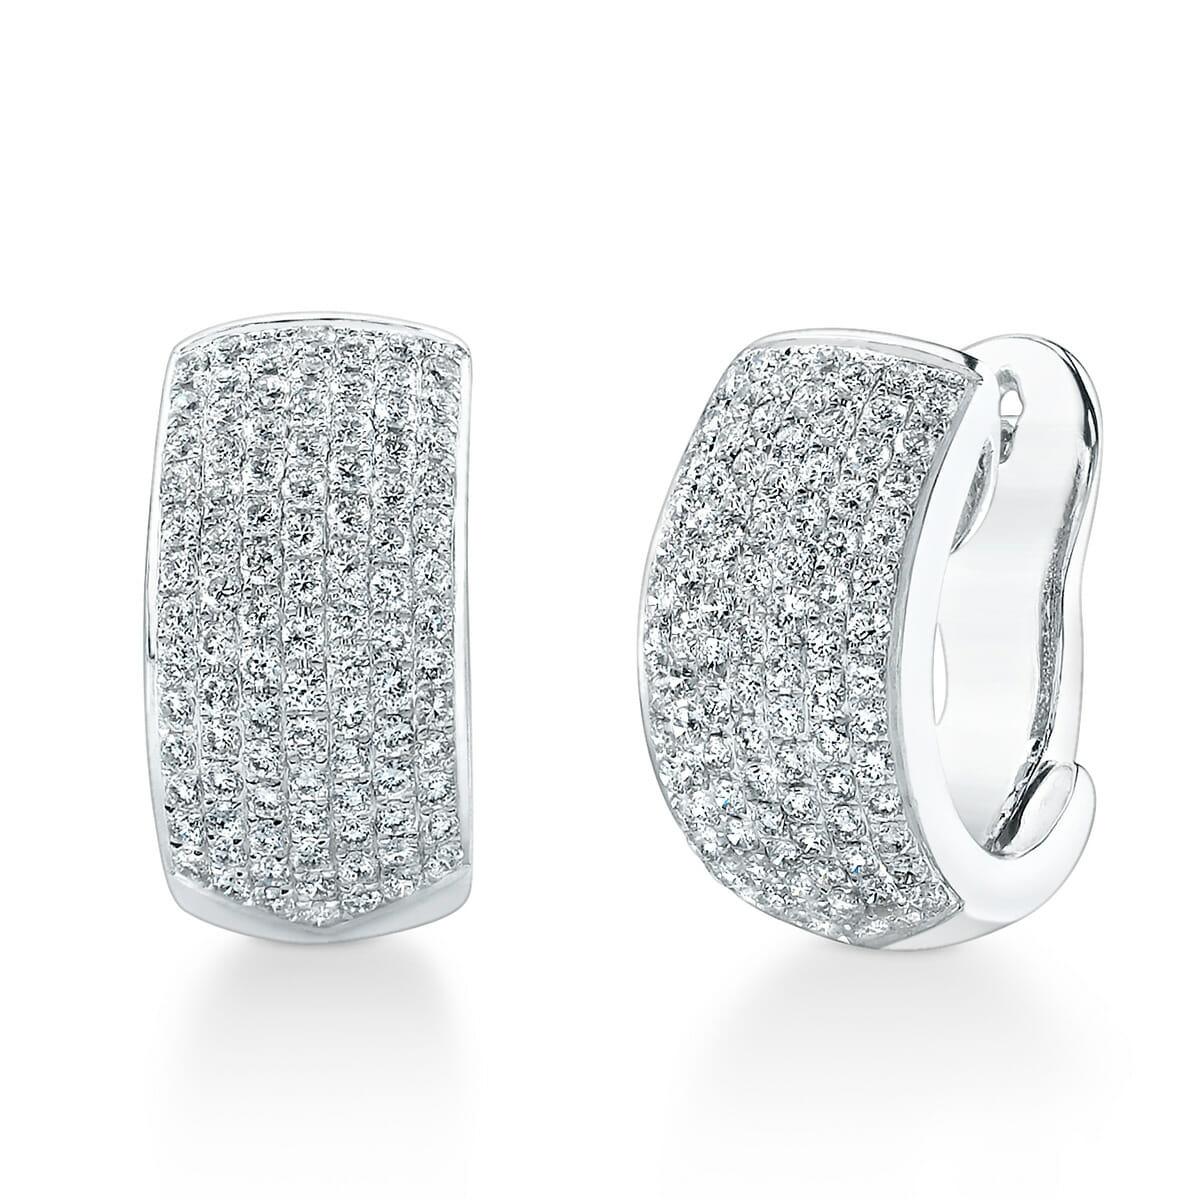 b5fa6abea52db Diamond Huggie Earrings